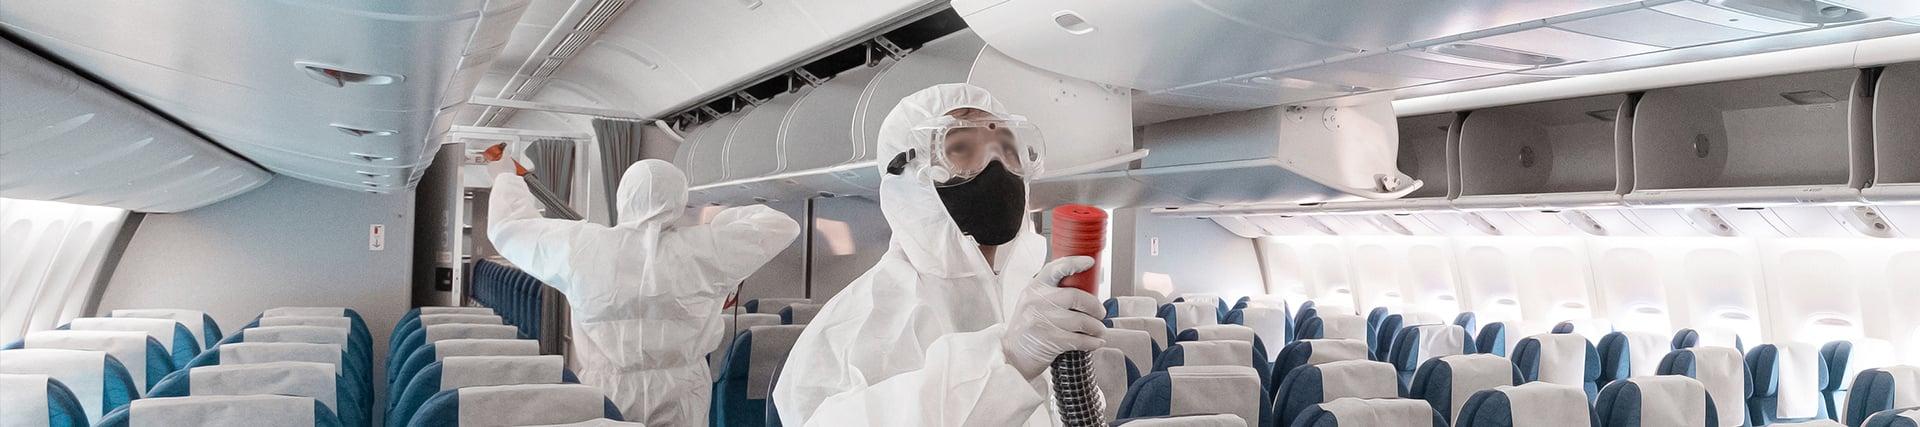 flight clean blog header